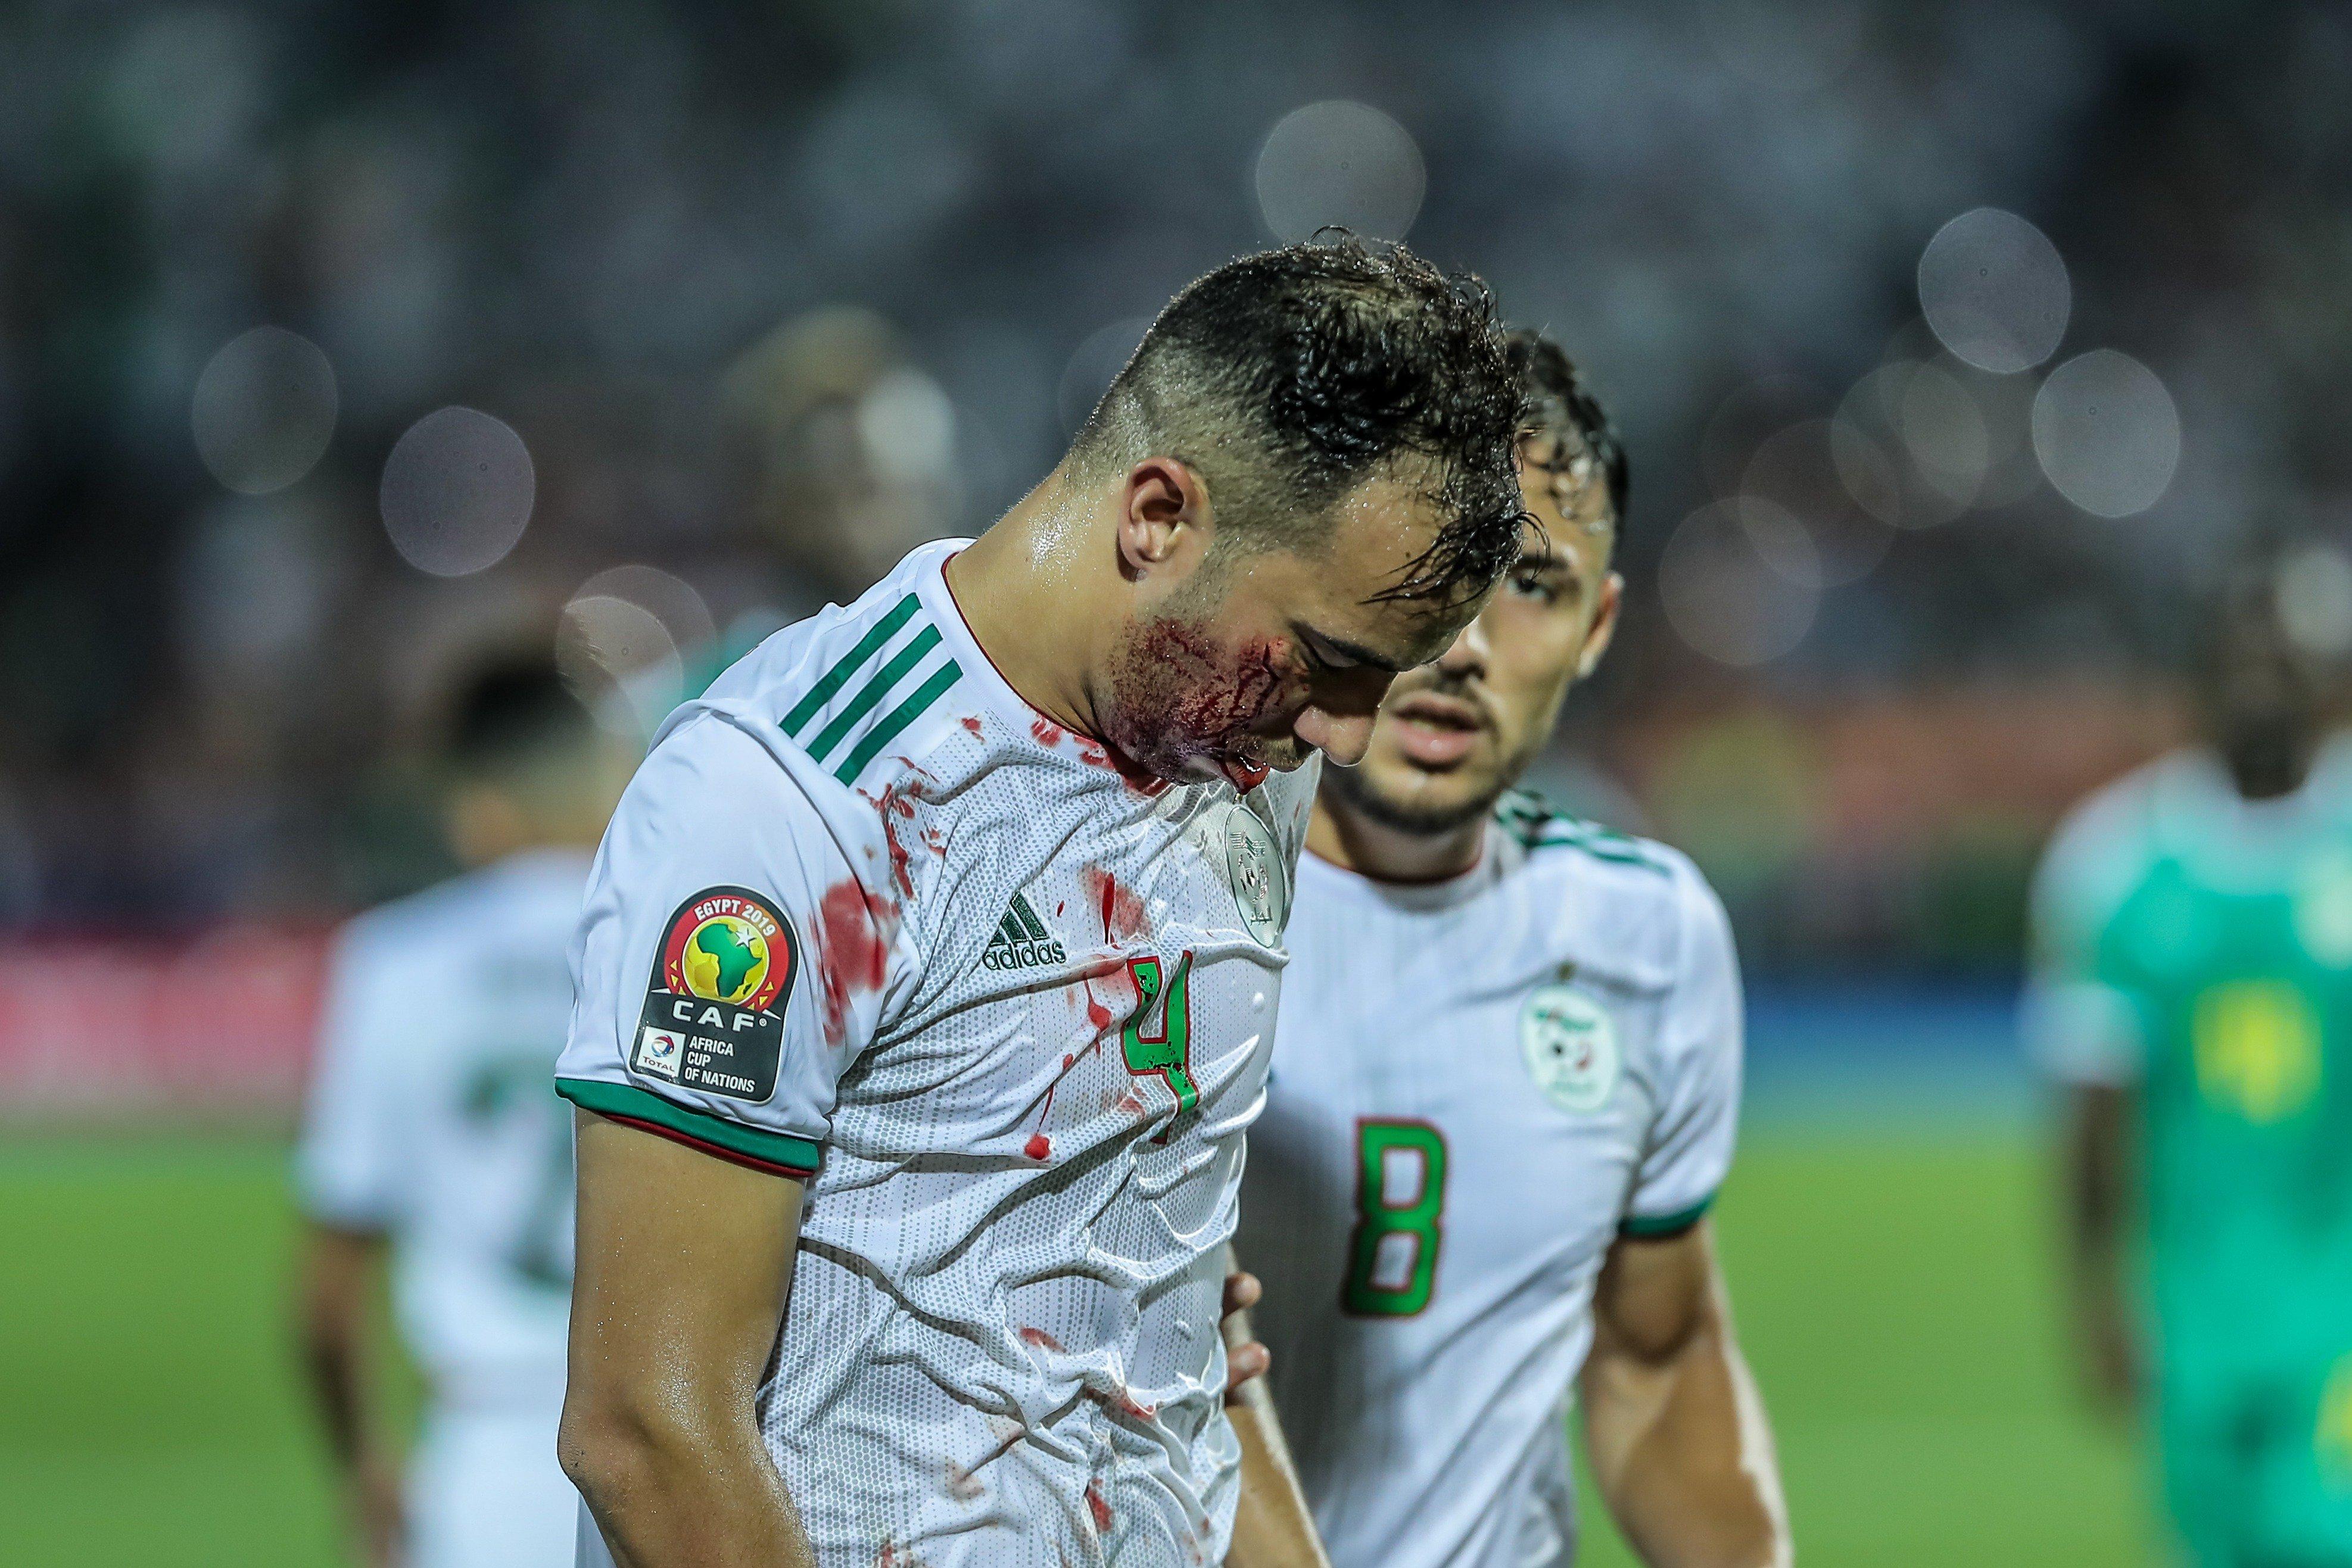 硬汉!阿尔及利亚后卫被马内顶破相后带伤完赛并夺冠